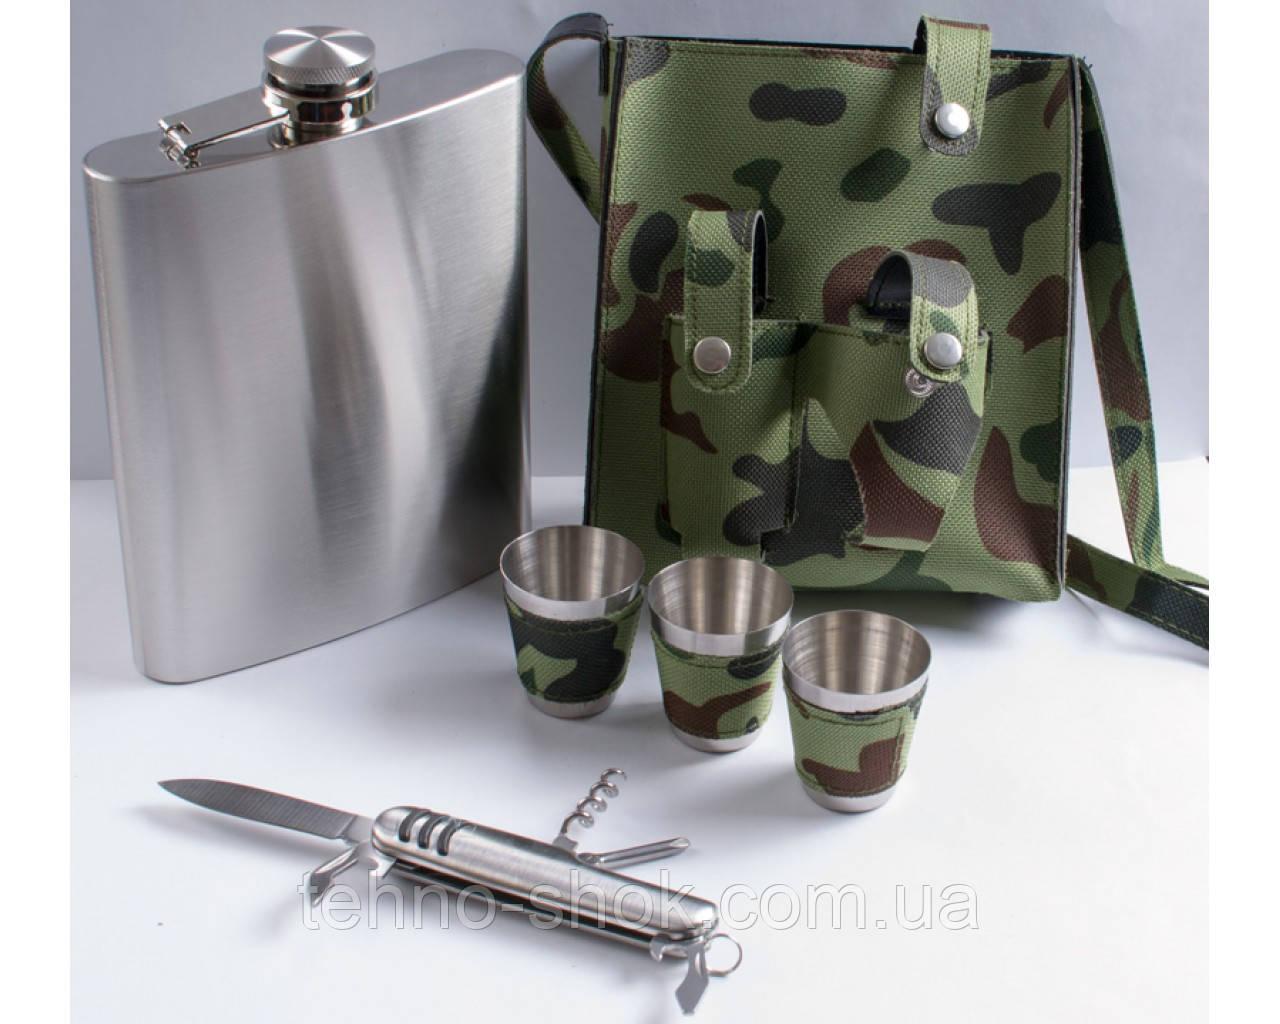 Набор в камуфляжном чехле Фляга, Рюмки, Нож PT18-2